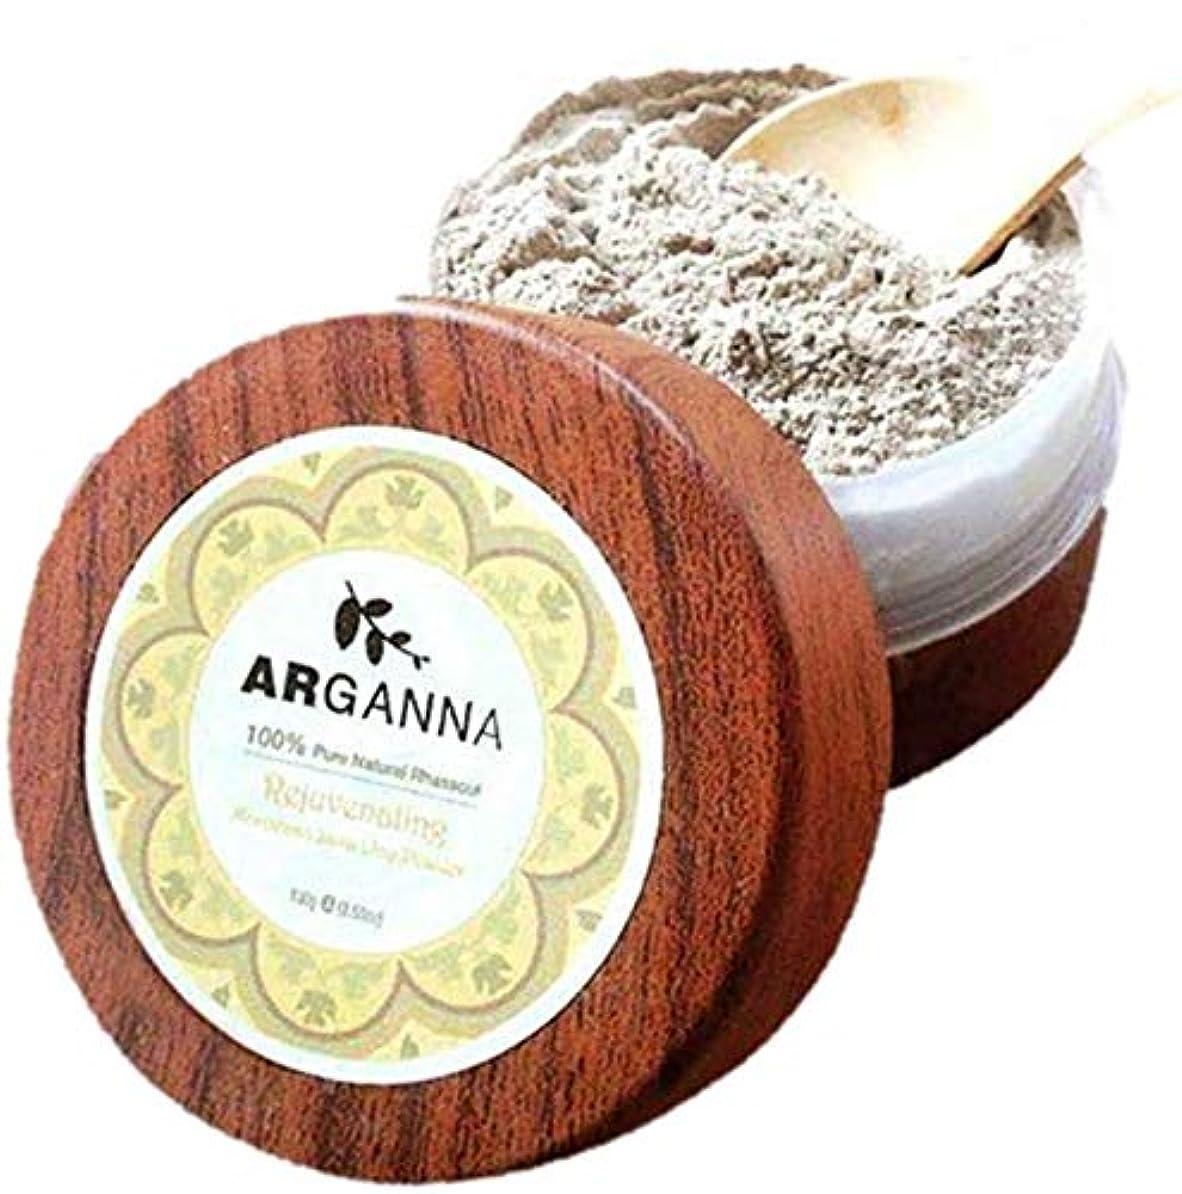 マークされたお世話になった提案Arganna(アルガンナ) モロッカン 溶岩粘土フェイスマスク [フェイスパック マットパック 泥パック][並行輸入]